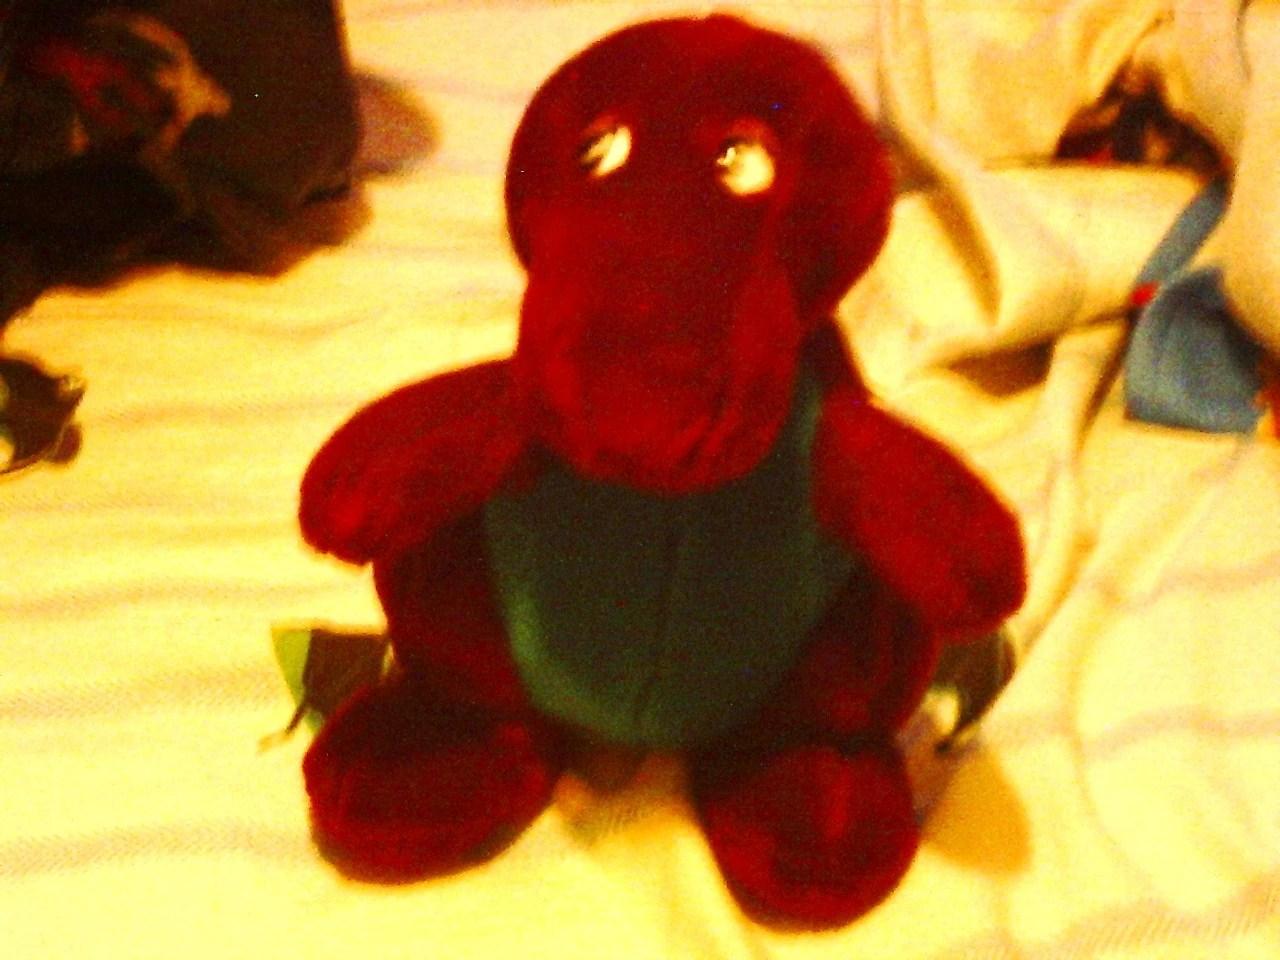 Bop Bj Baby Baby Barney Riff Bj Baby Barney Bop Barney Bop Barney